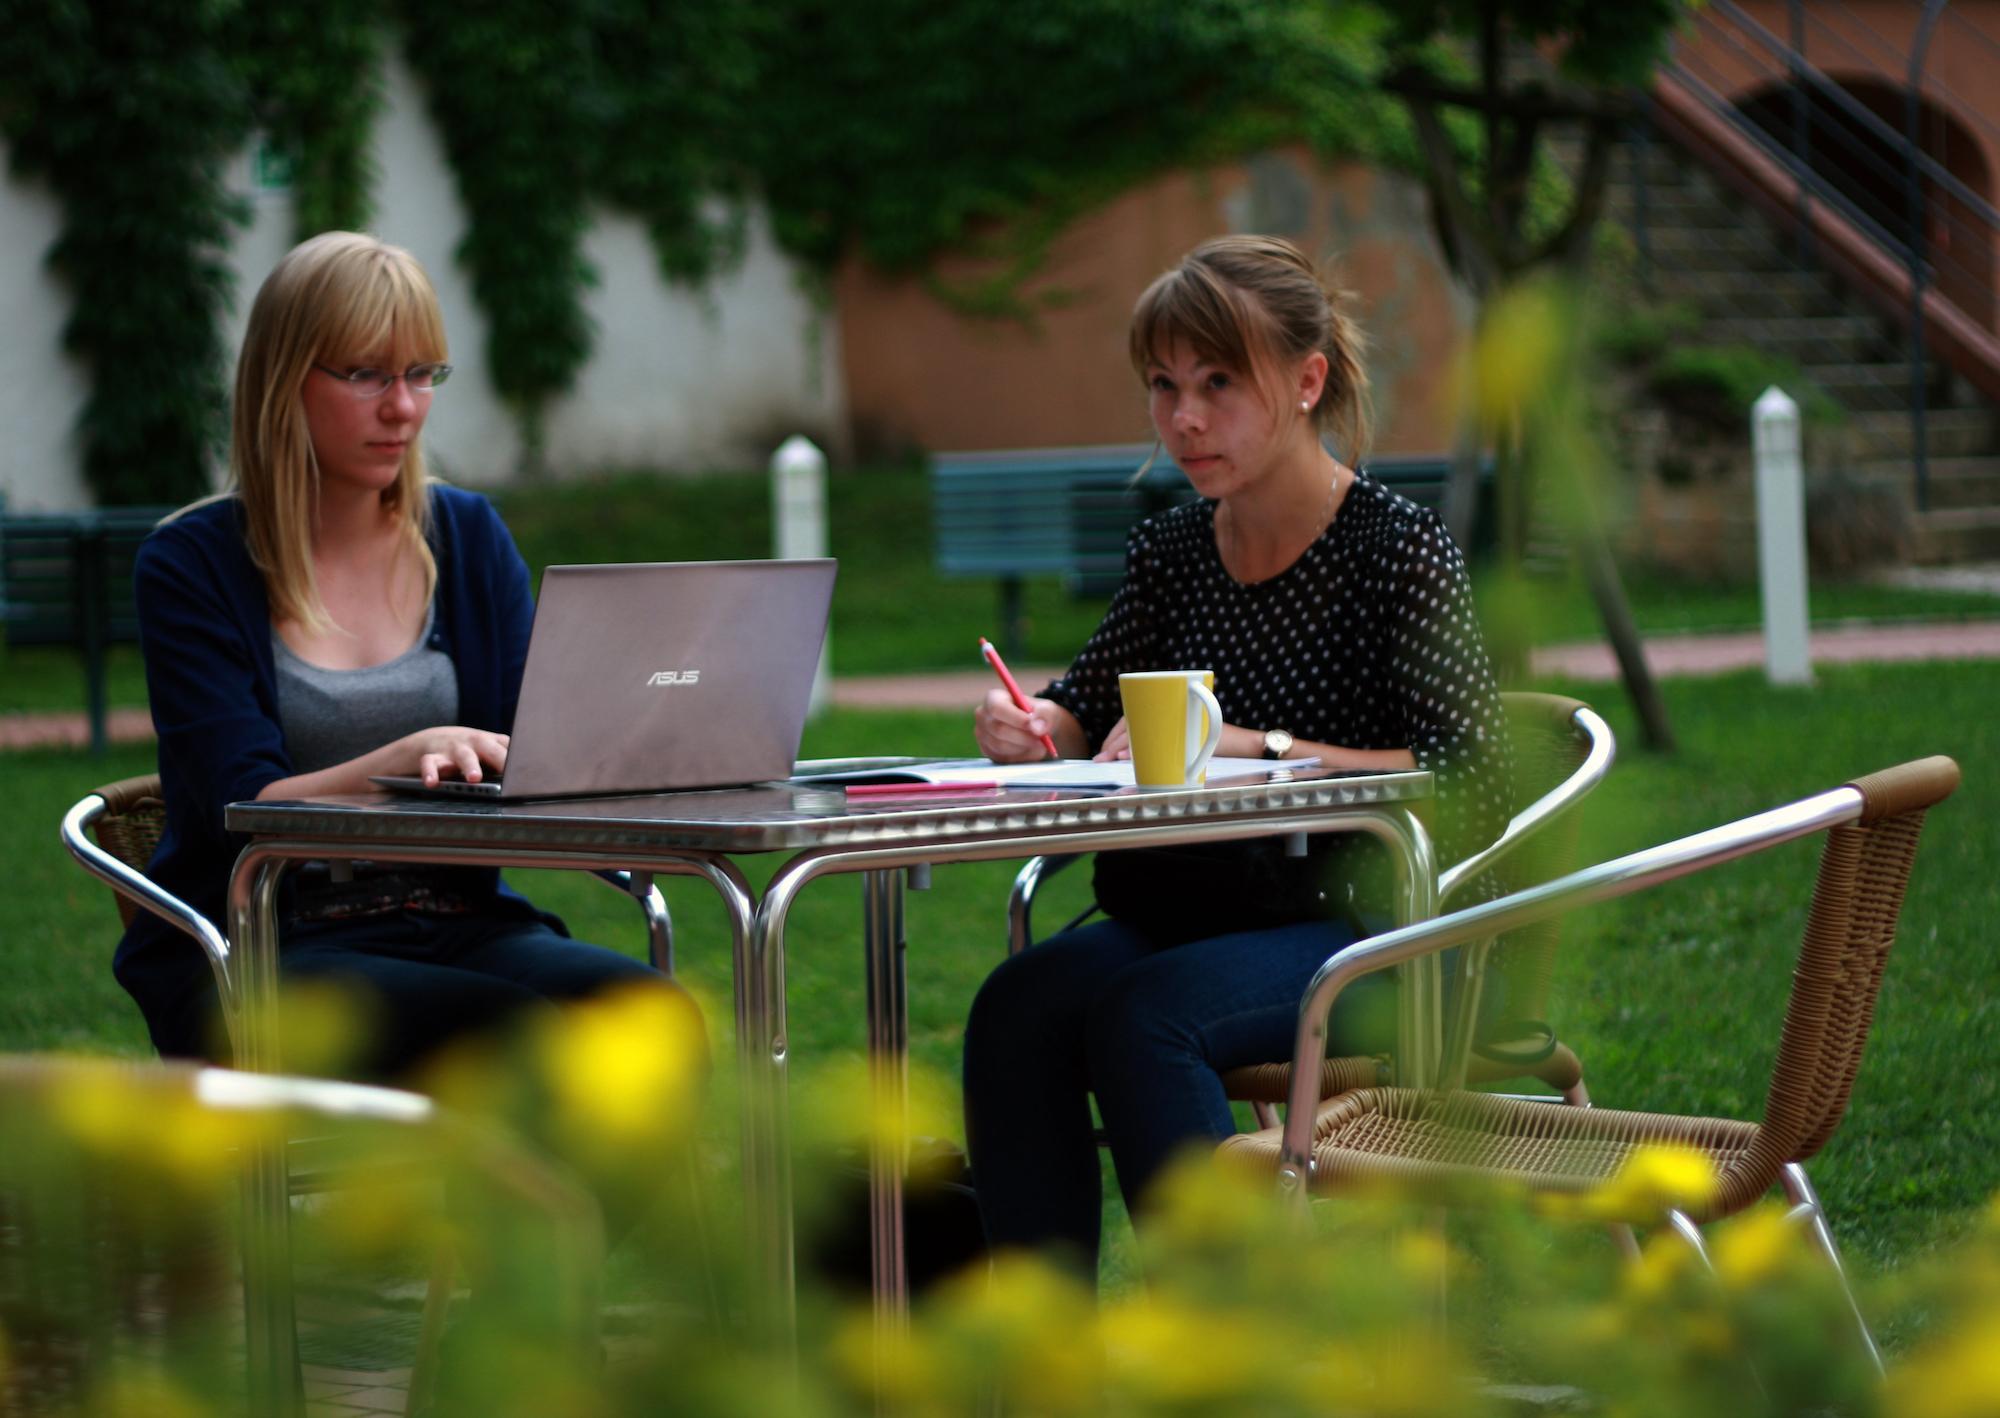 Ania und Paulina am arbeiten an einem Tisch im Freien.